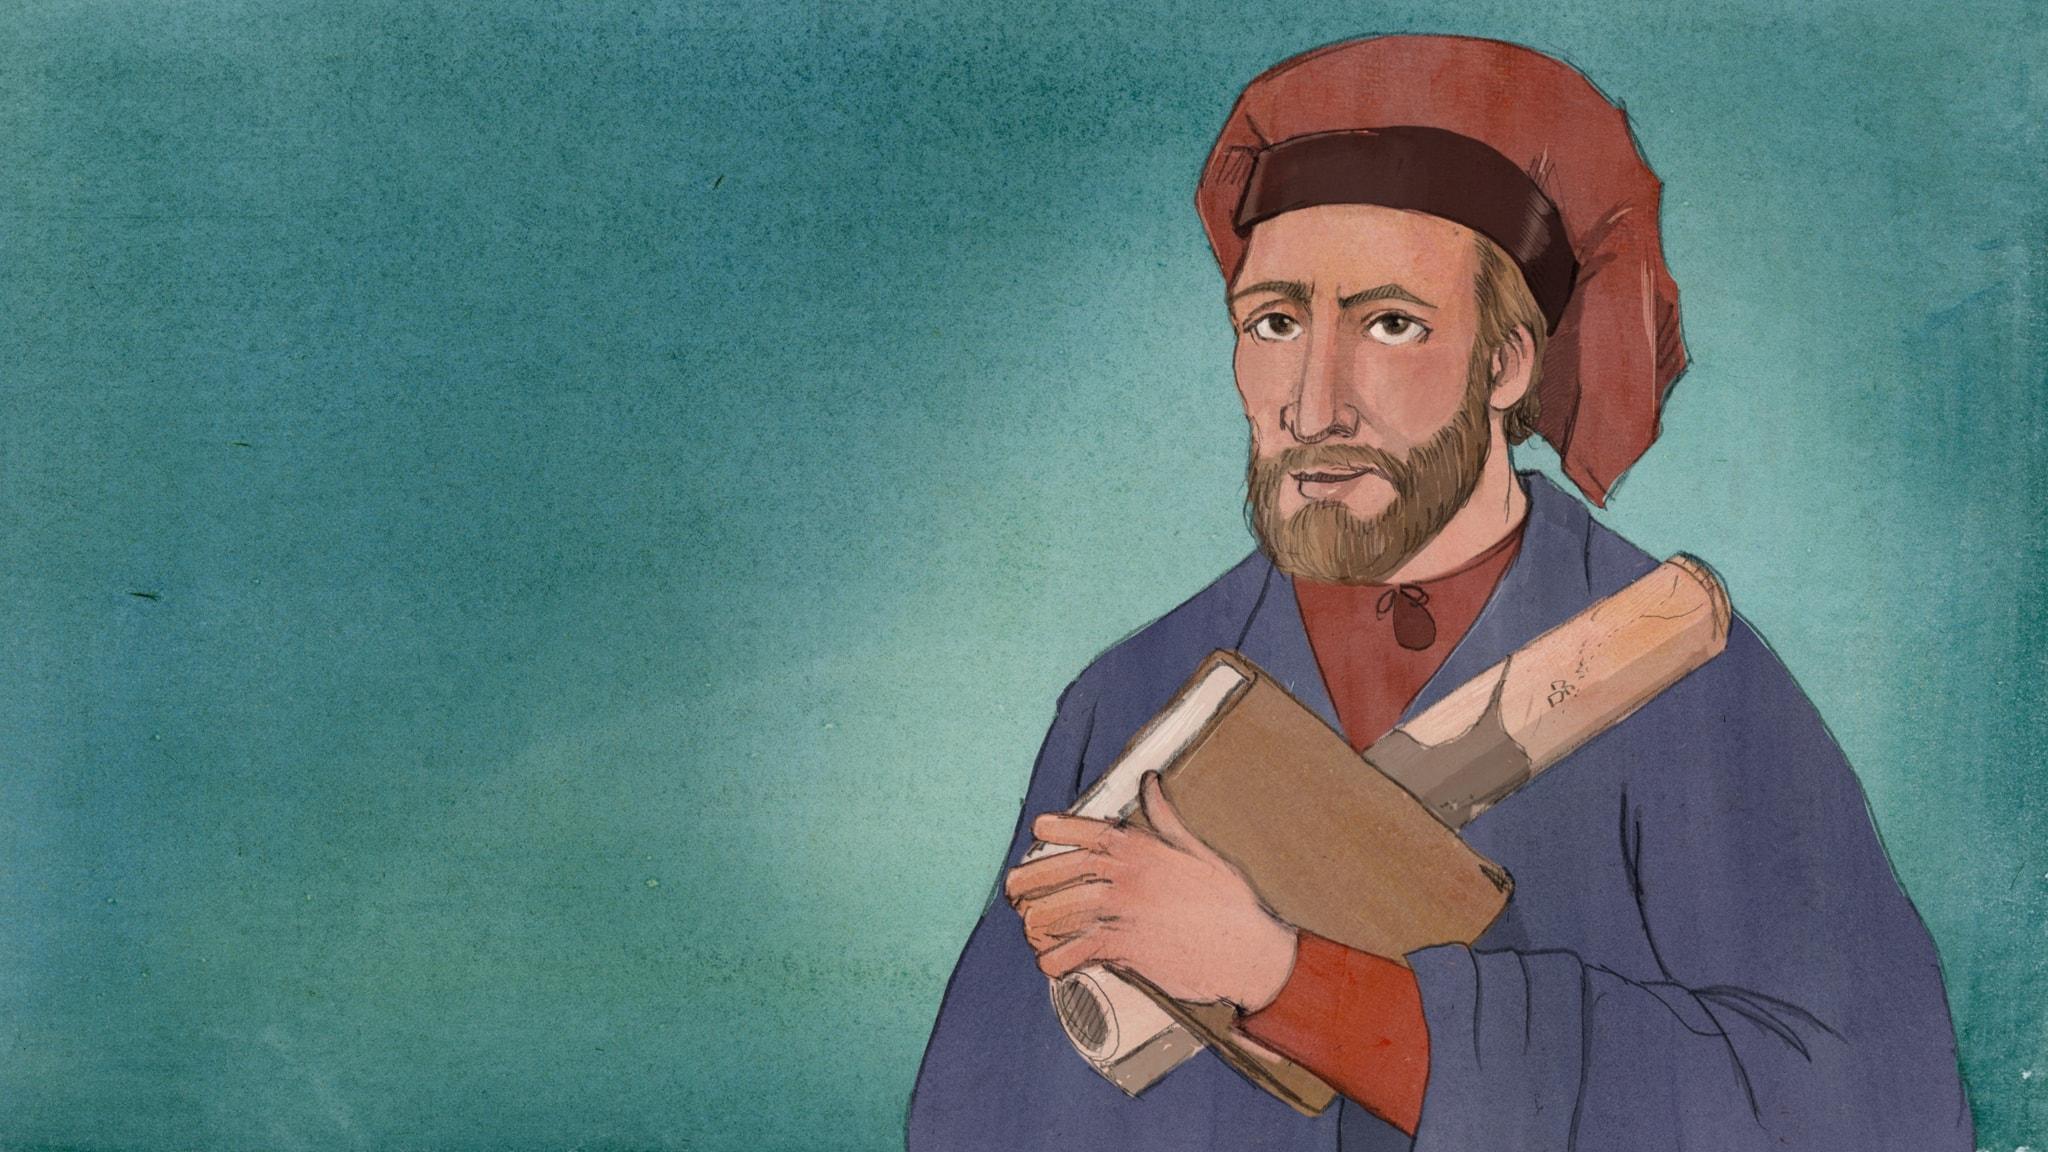 Marco Polo - Legendarisk upptäcktsresande